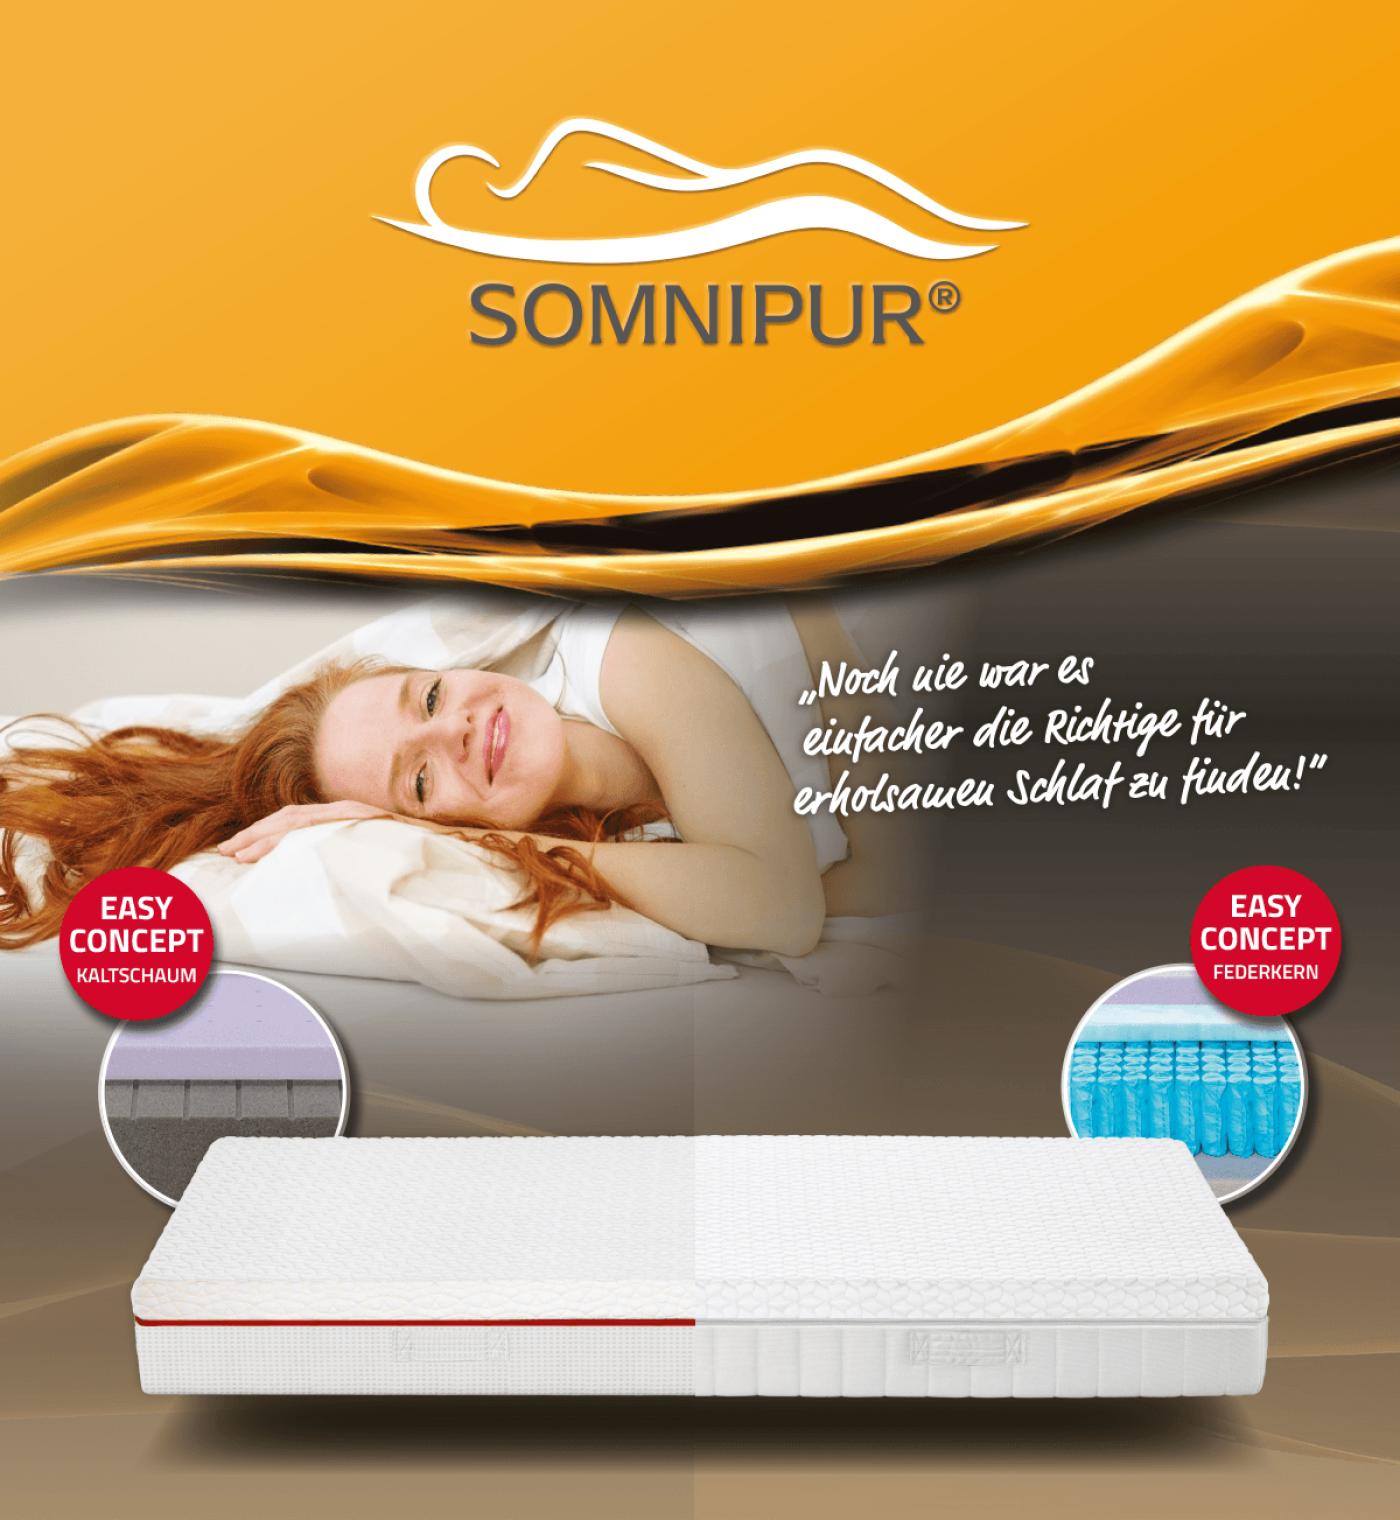 Somnipur – Neue Qulalitäts Marke